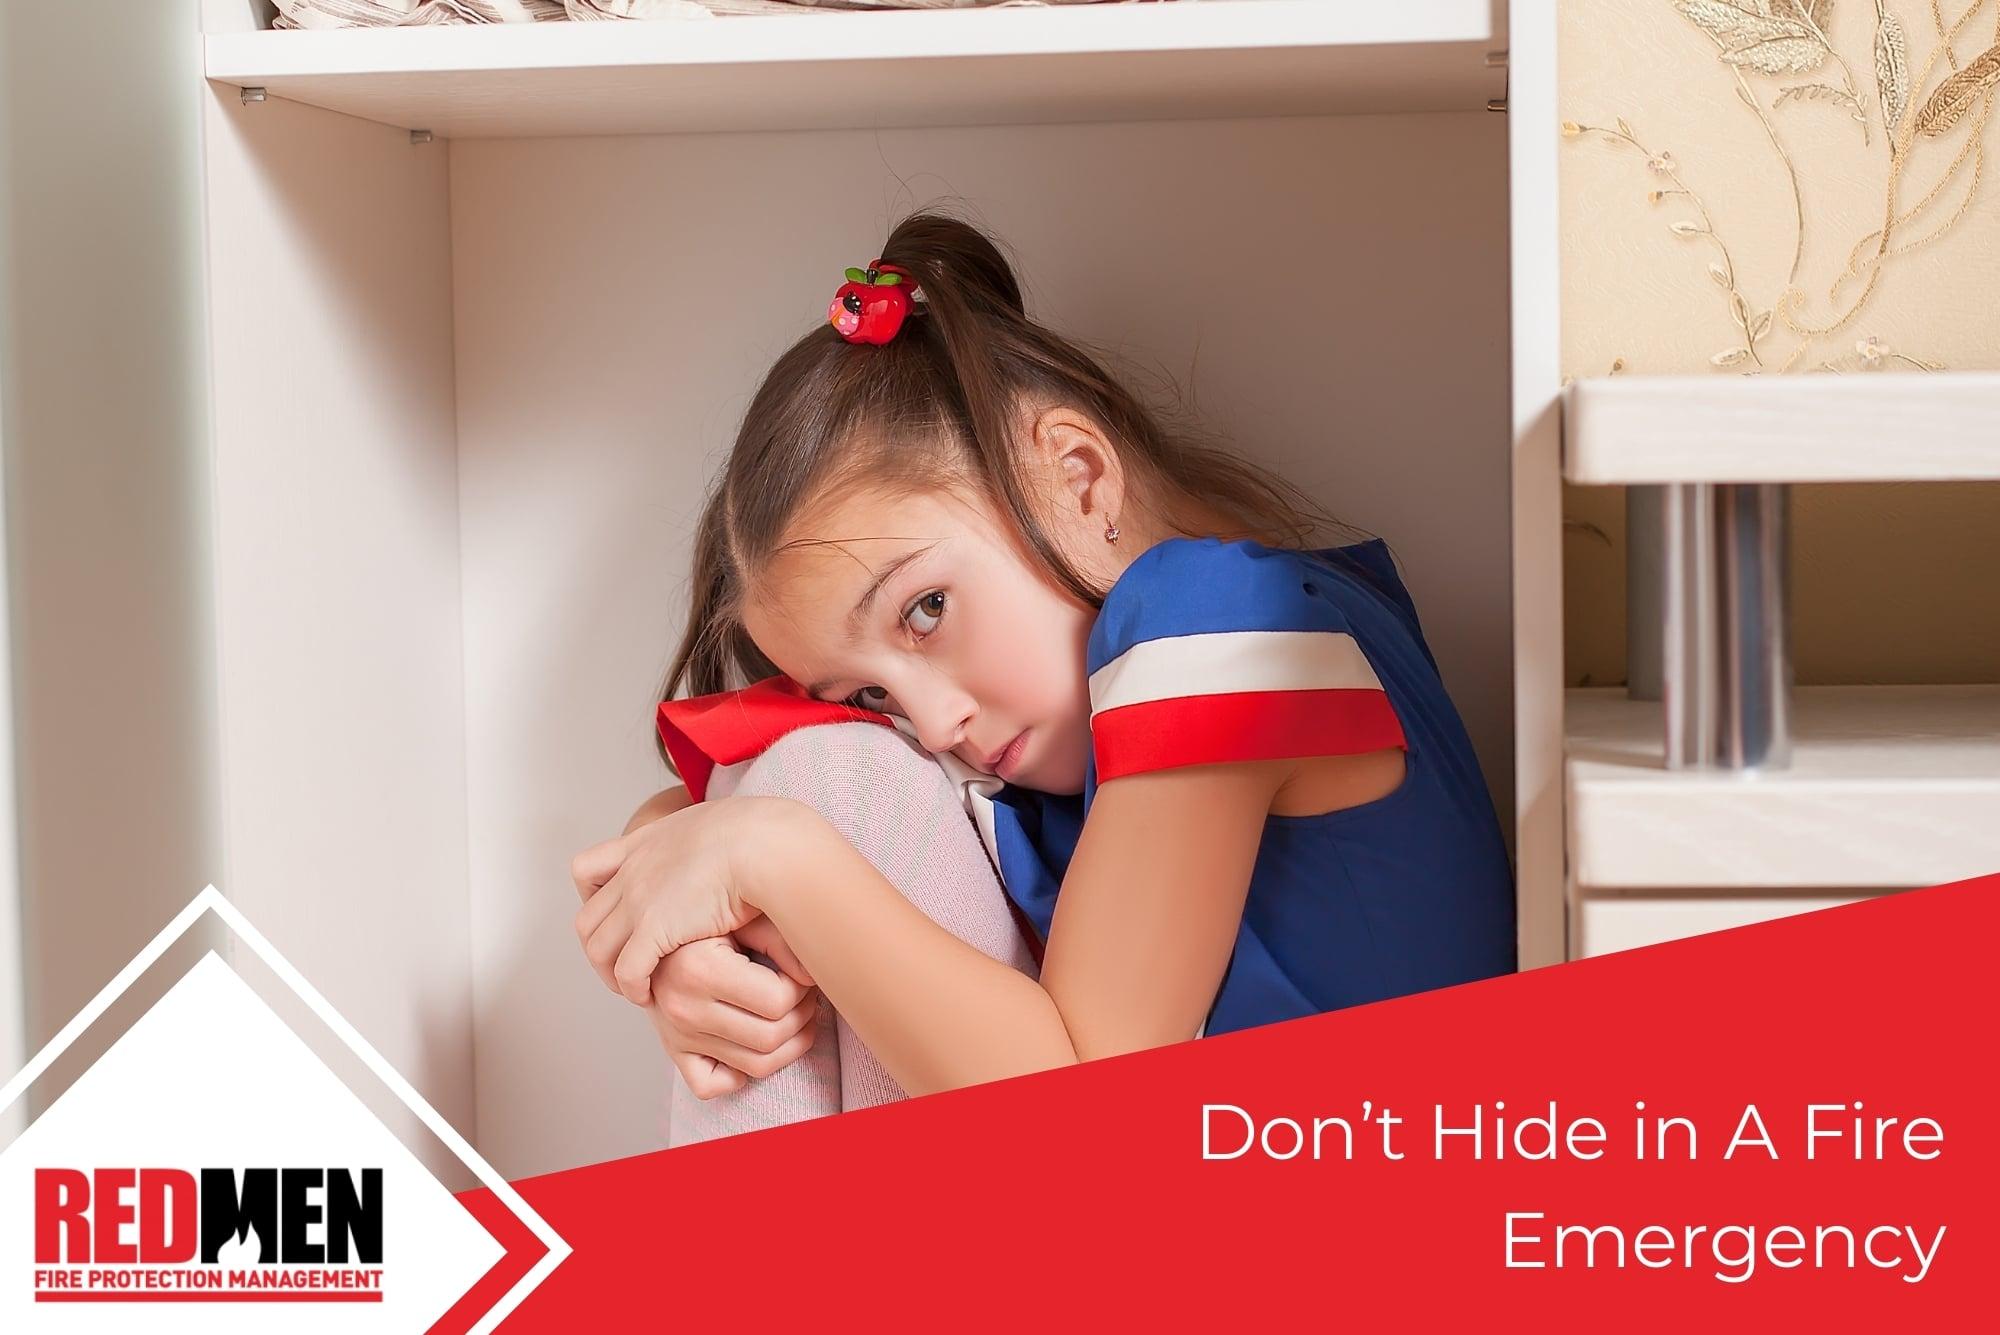 Don't Hide in A Fire Emergency